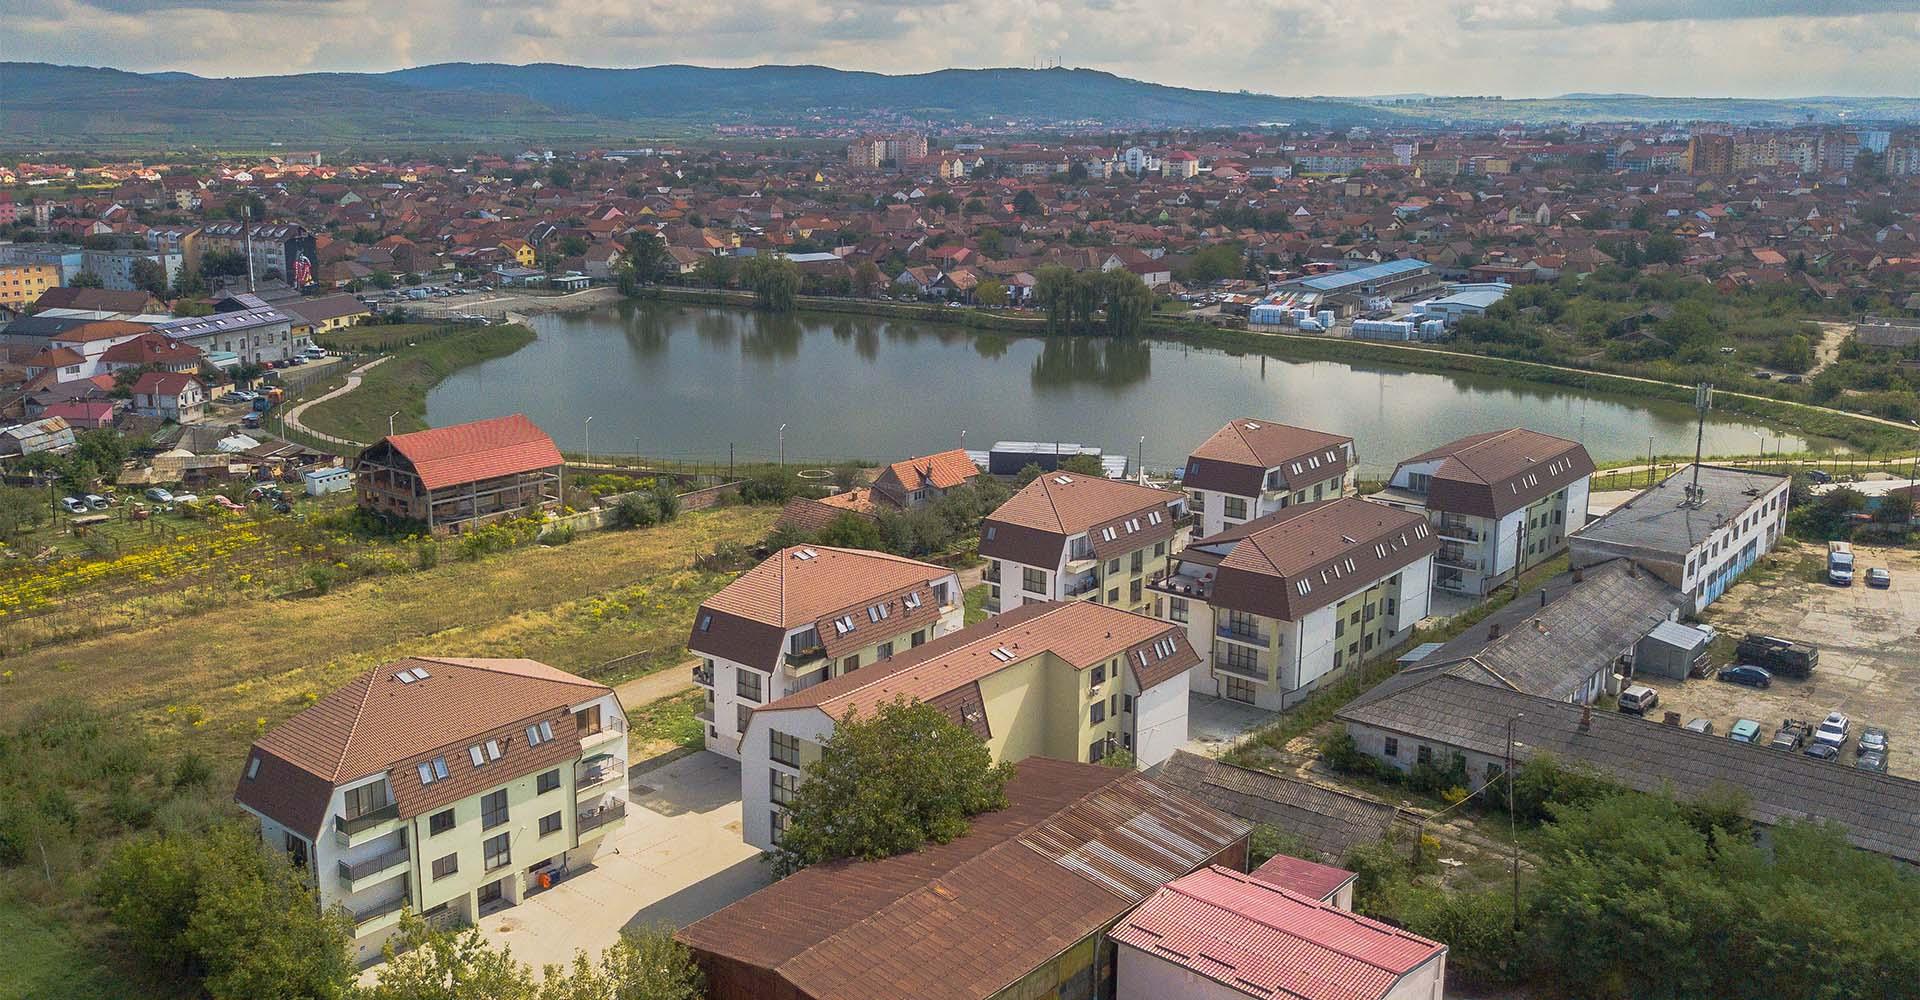 Lake Residence, Sibiu (72 Wohnungen)